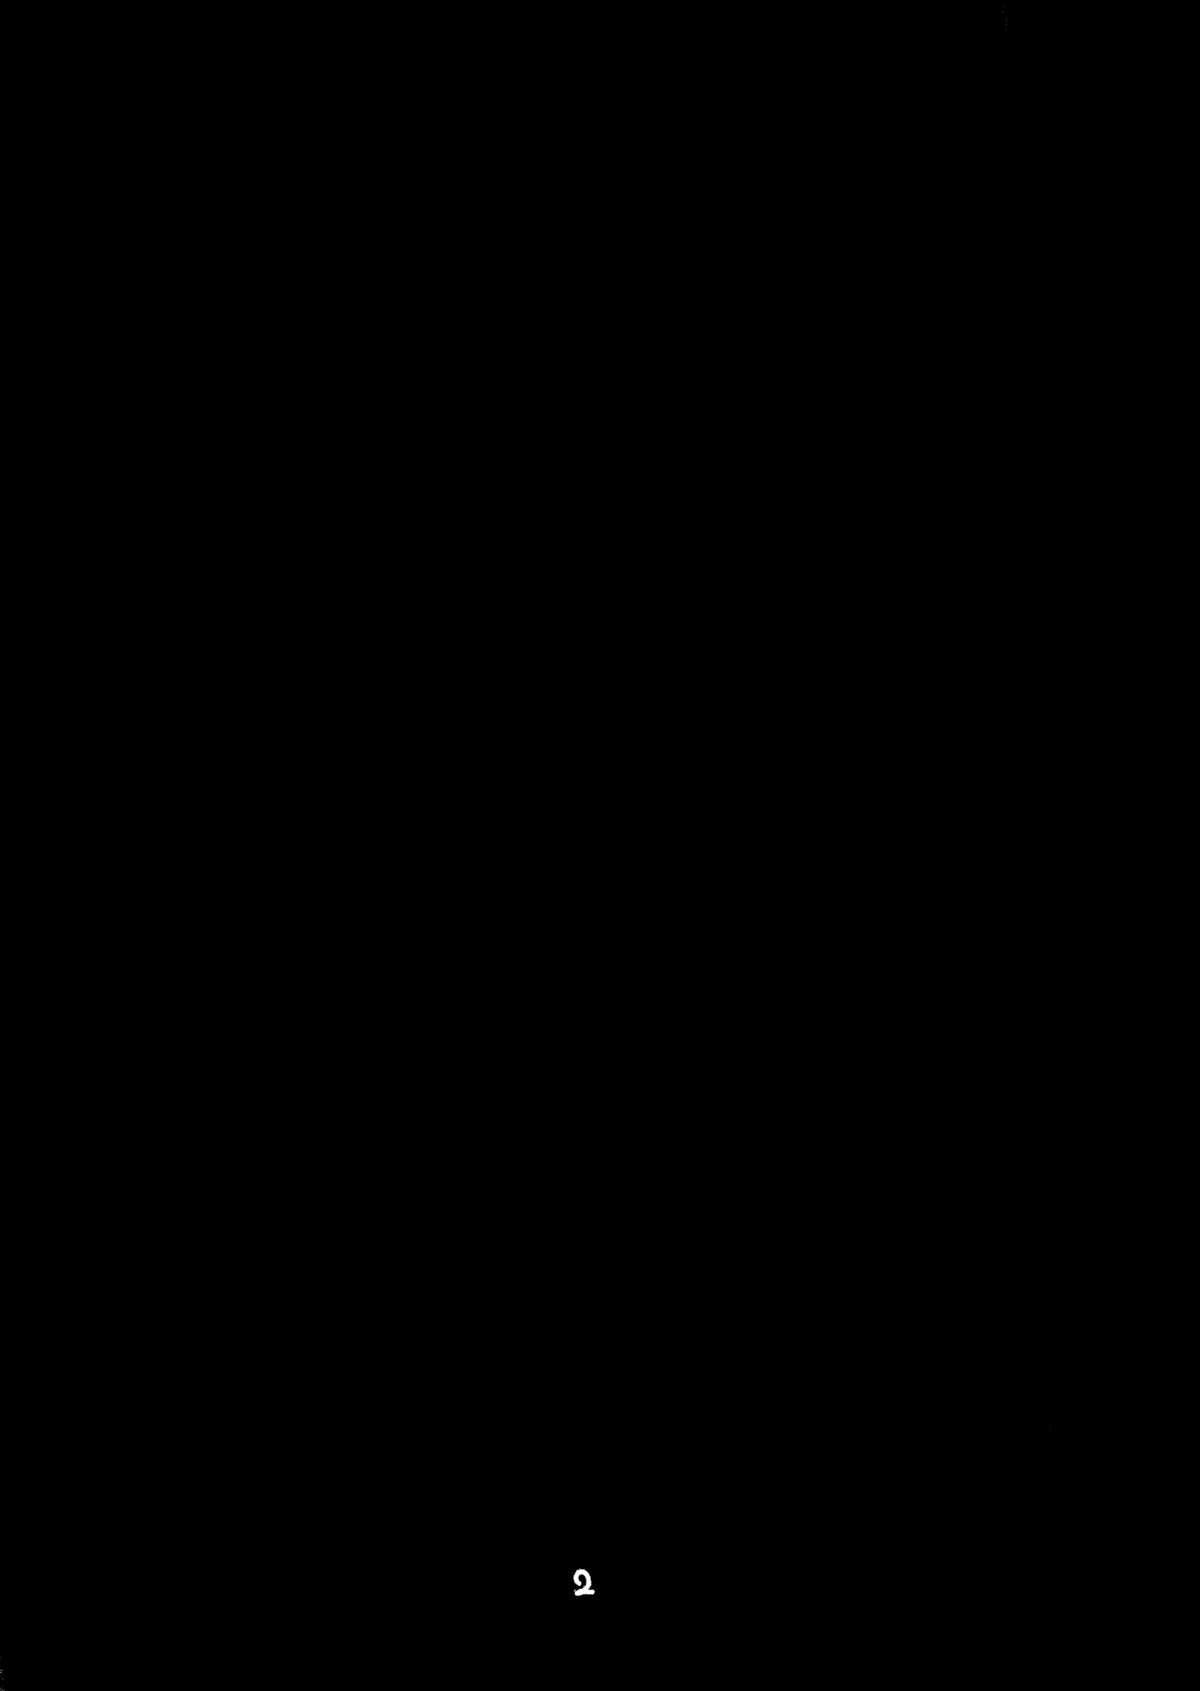 Gekidan Kotori Dyueru Doori 2